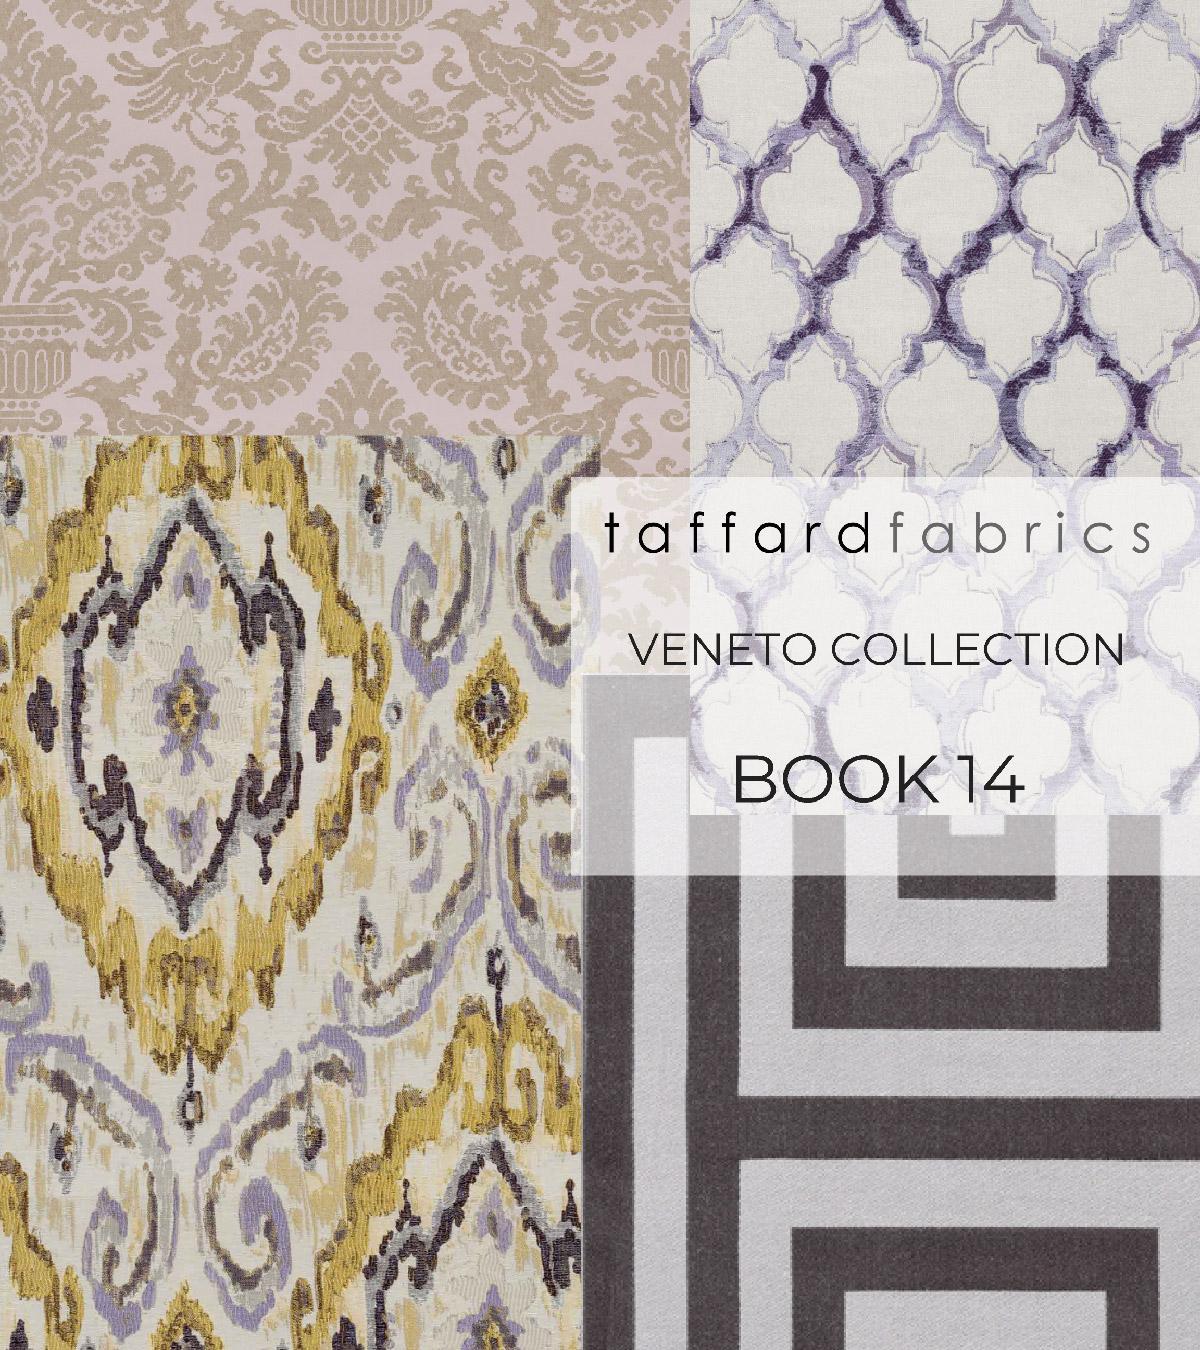 Veneto 14 Ebook-01.jpg